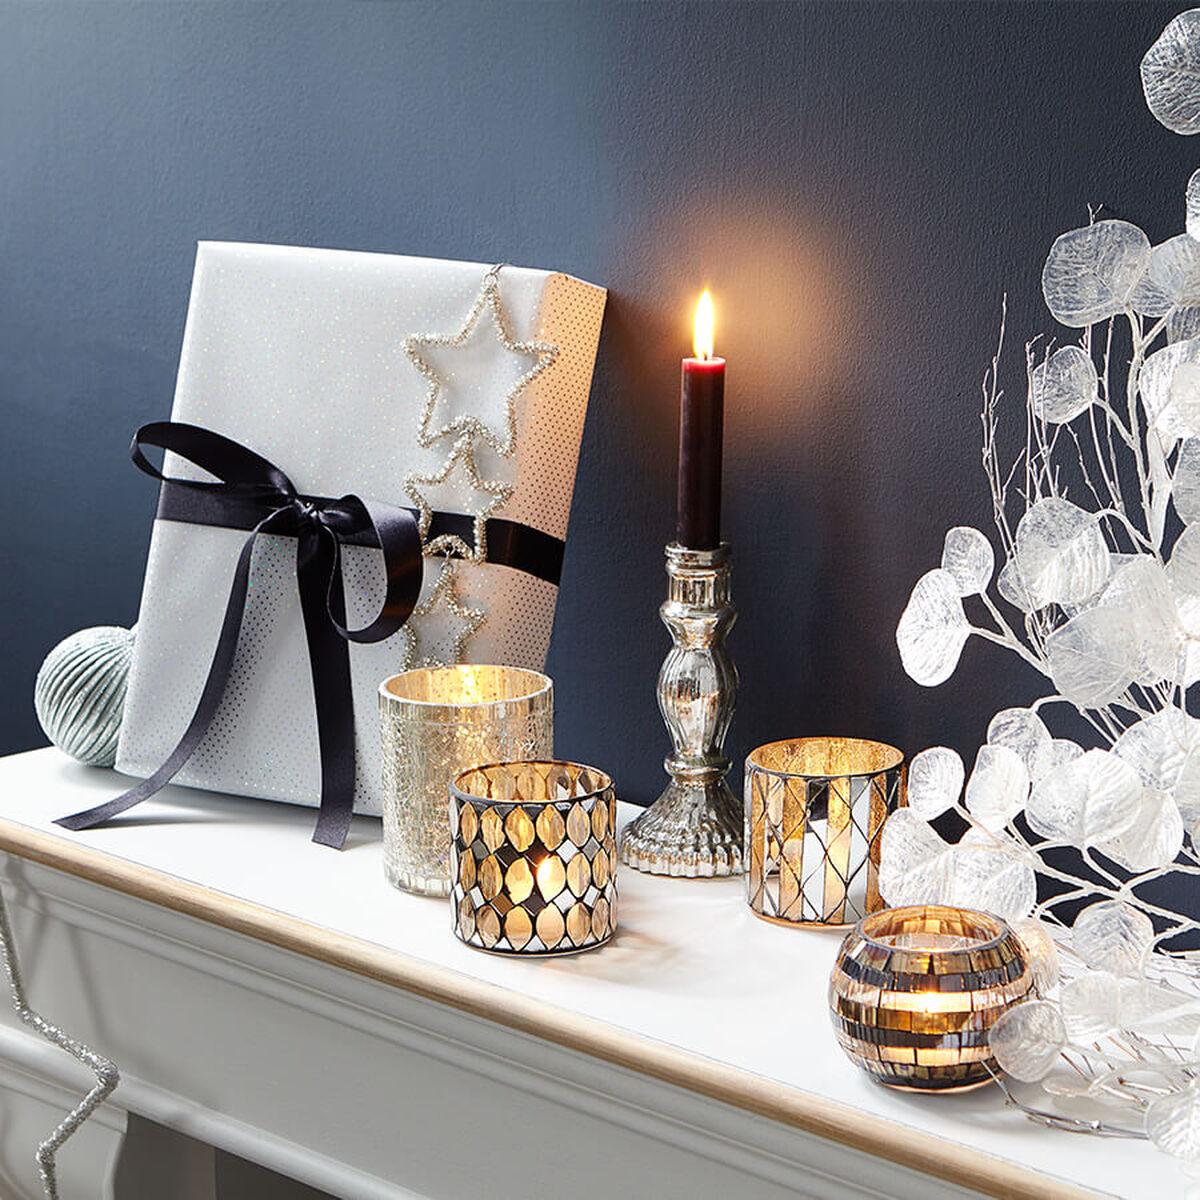 Weihnachtsdeko weihnachtsdekoration kaufen butlers - Weihnachtstischdeko silber ...